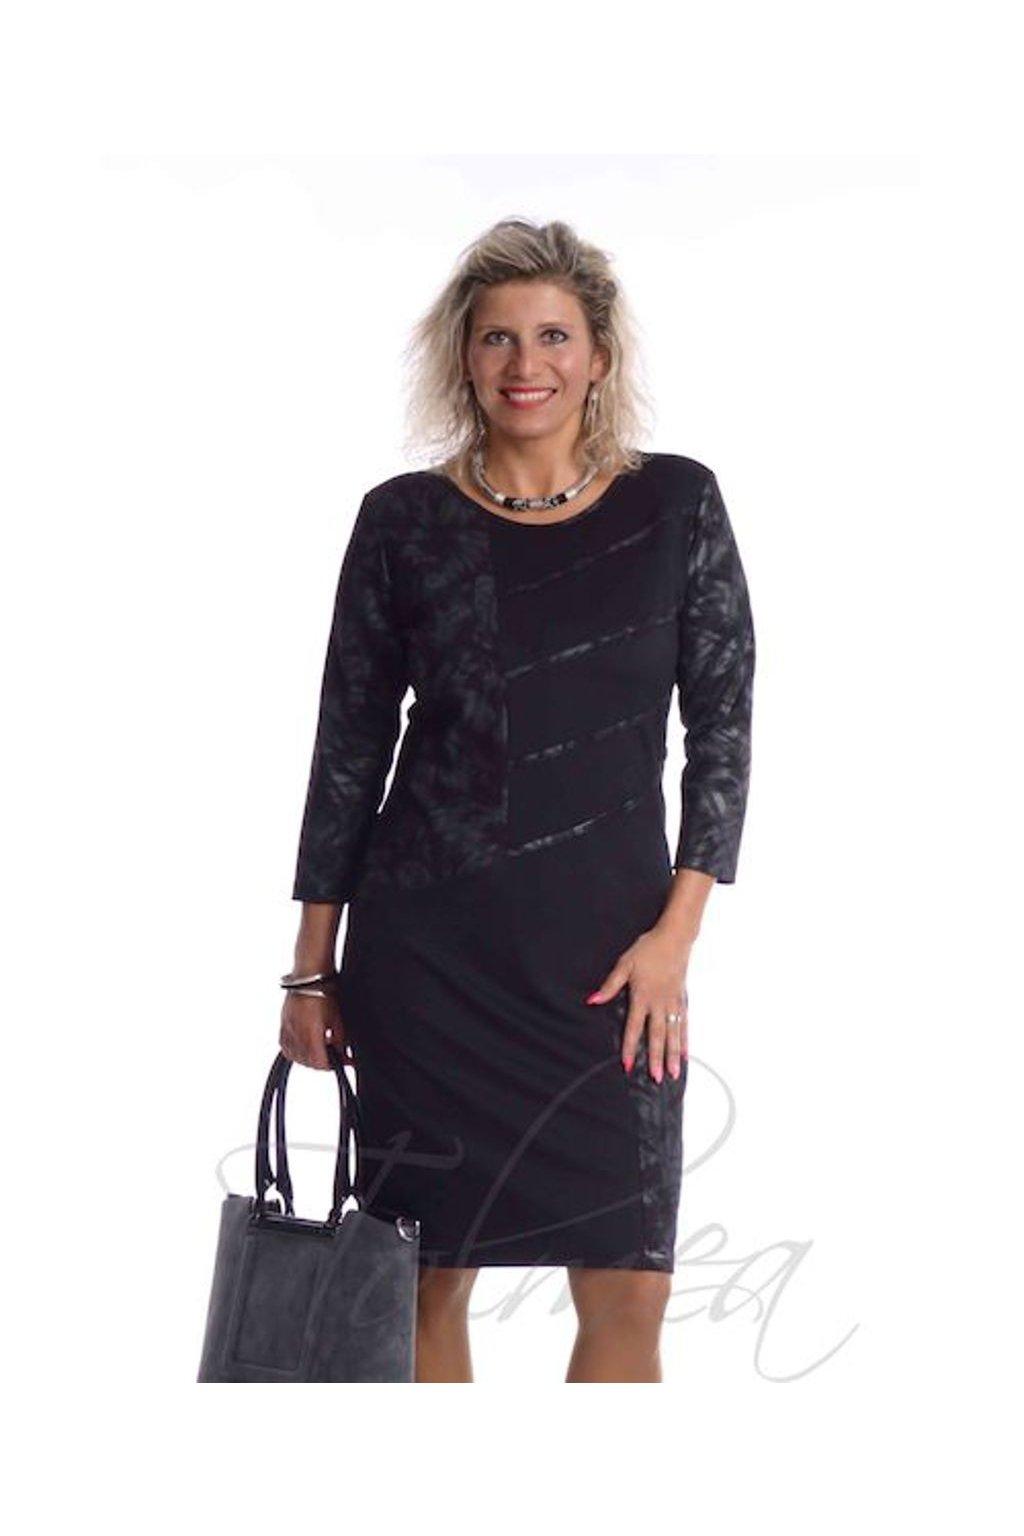 Šaty společenské paspule 9918 (Velikost 36, Barva Šedá tmavá)